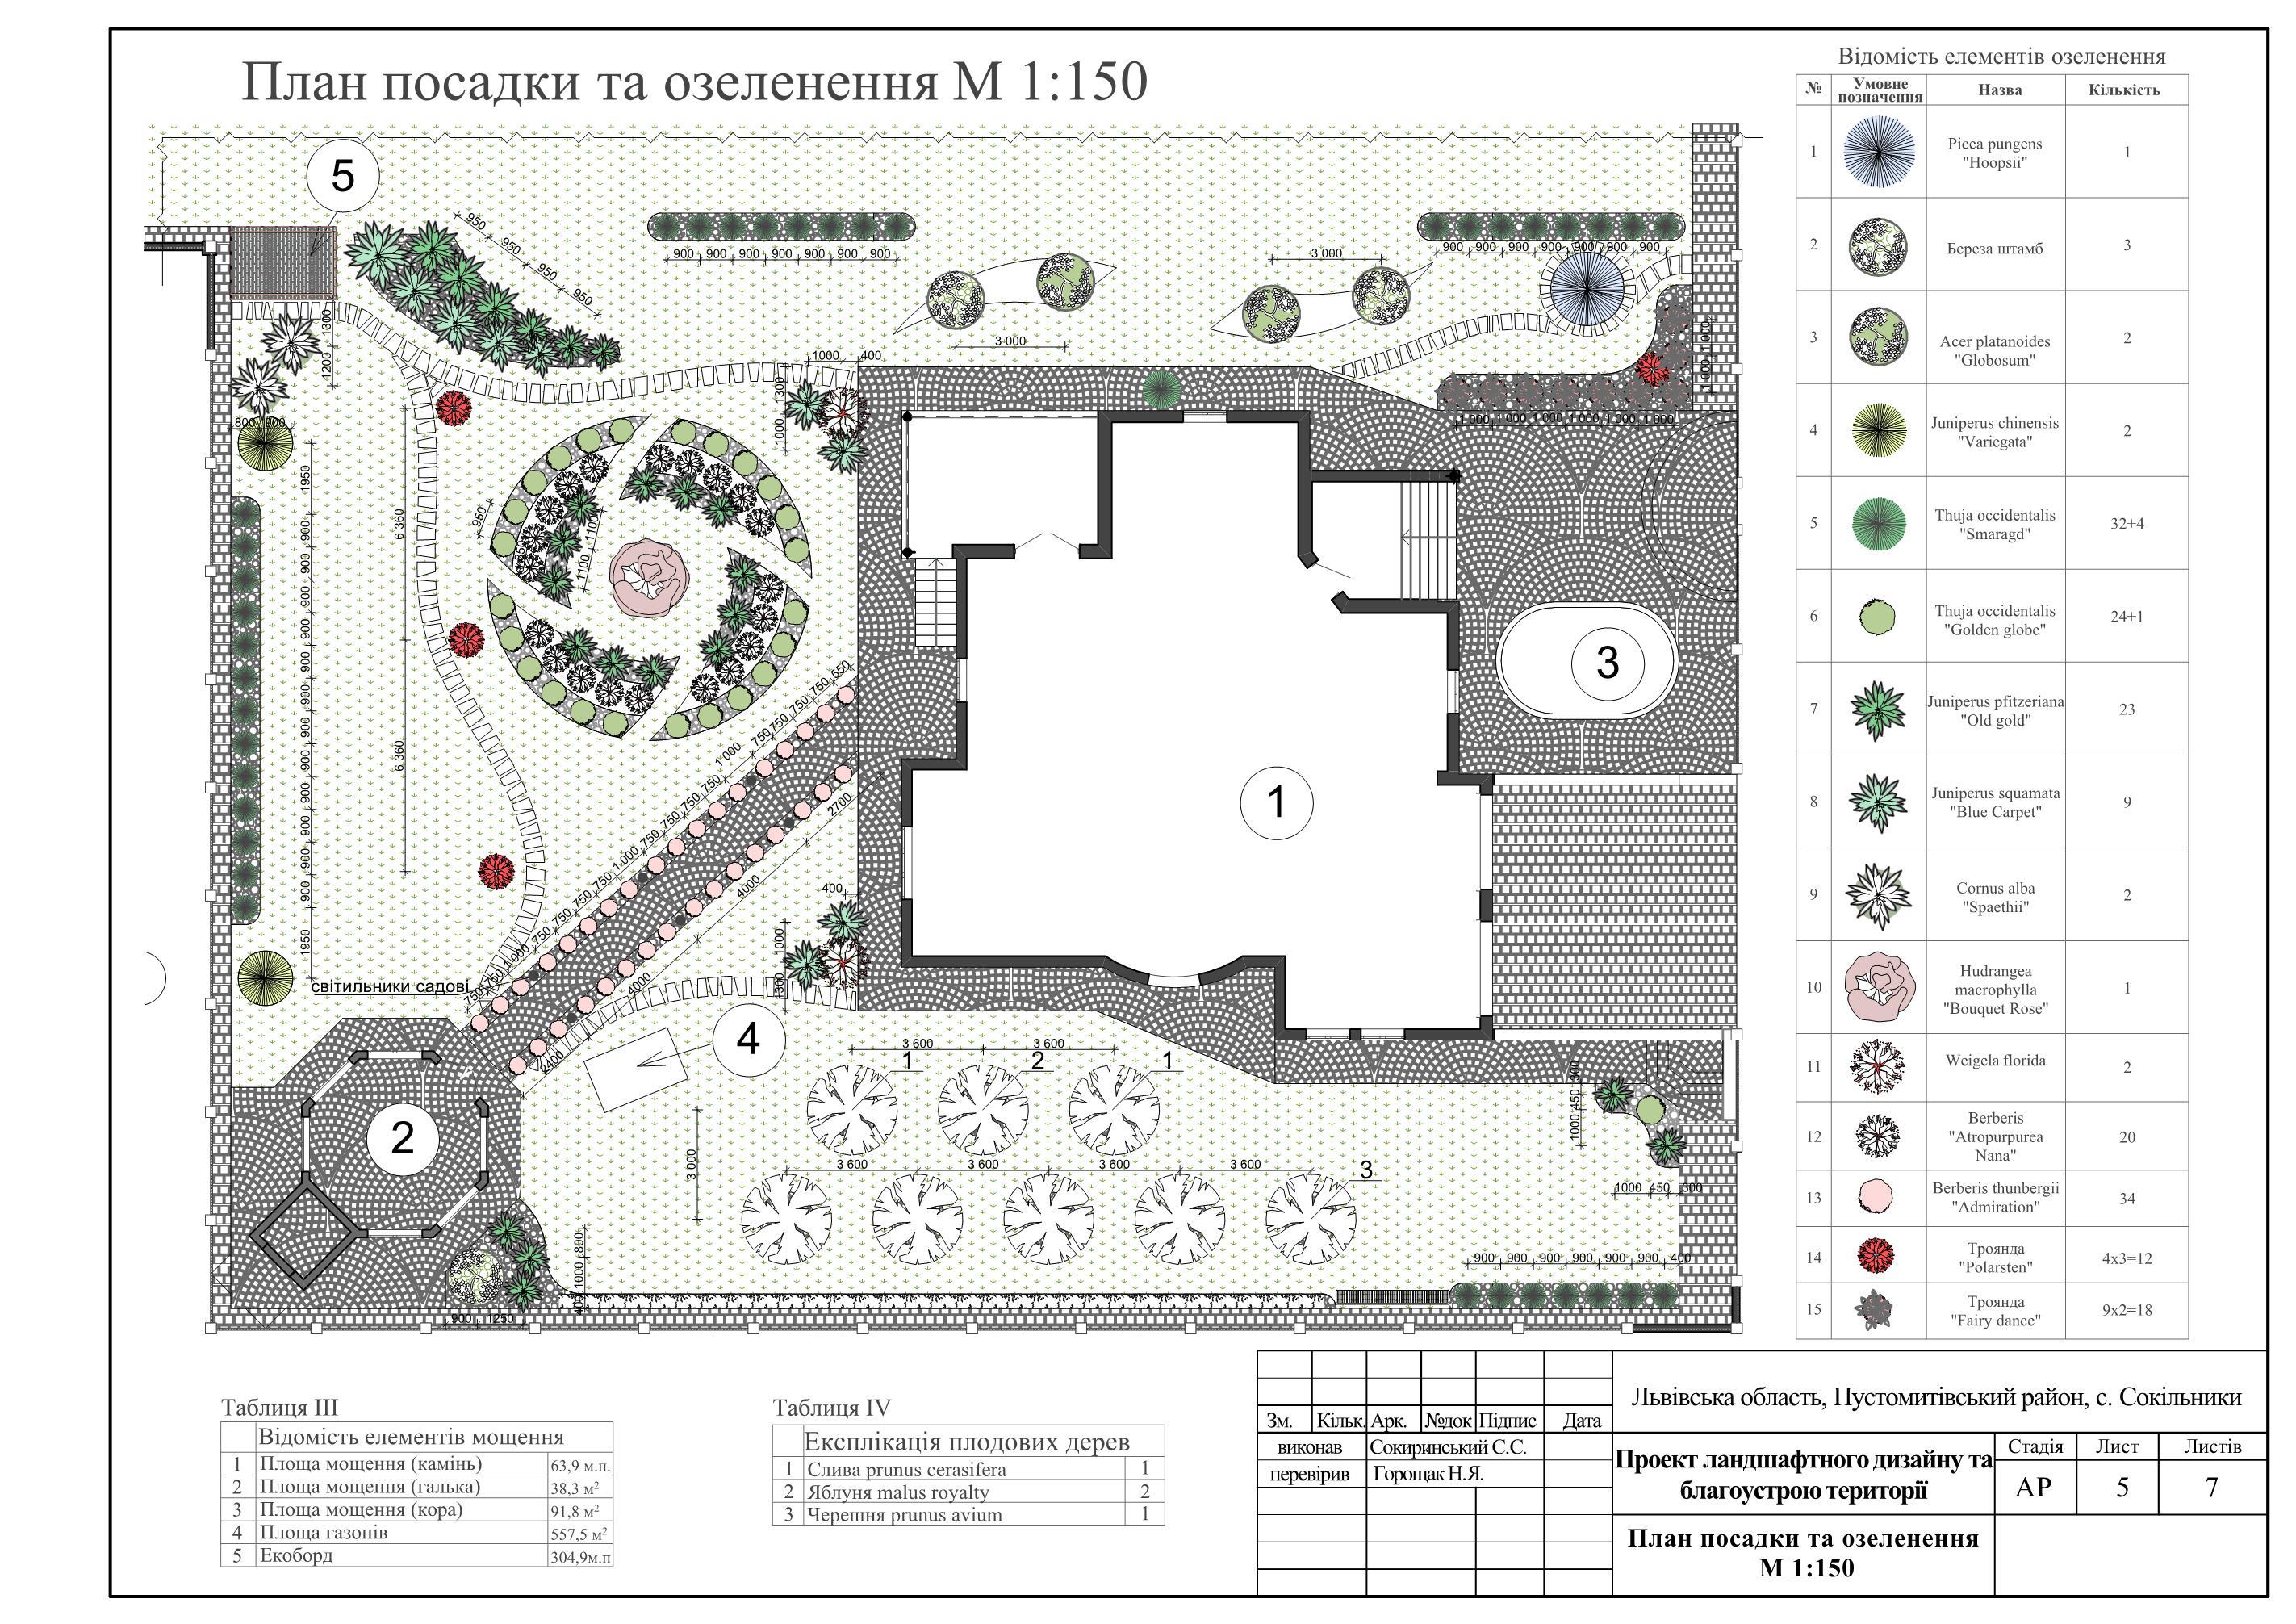 ландшафтний дизайн.план озеленення